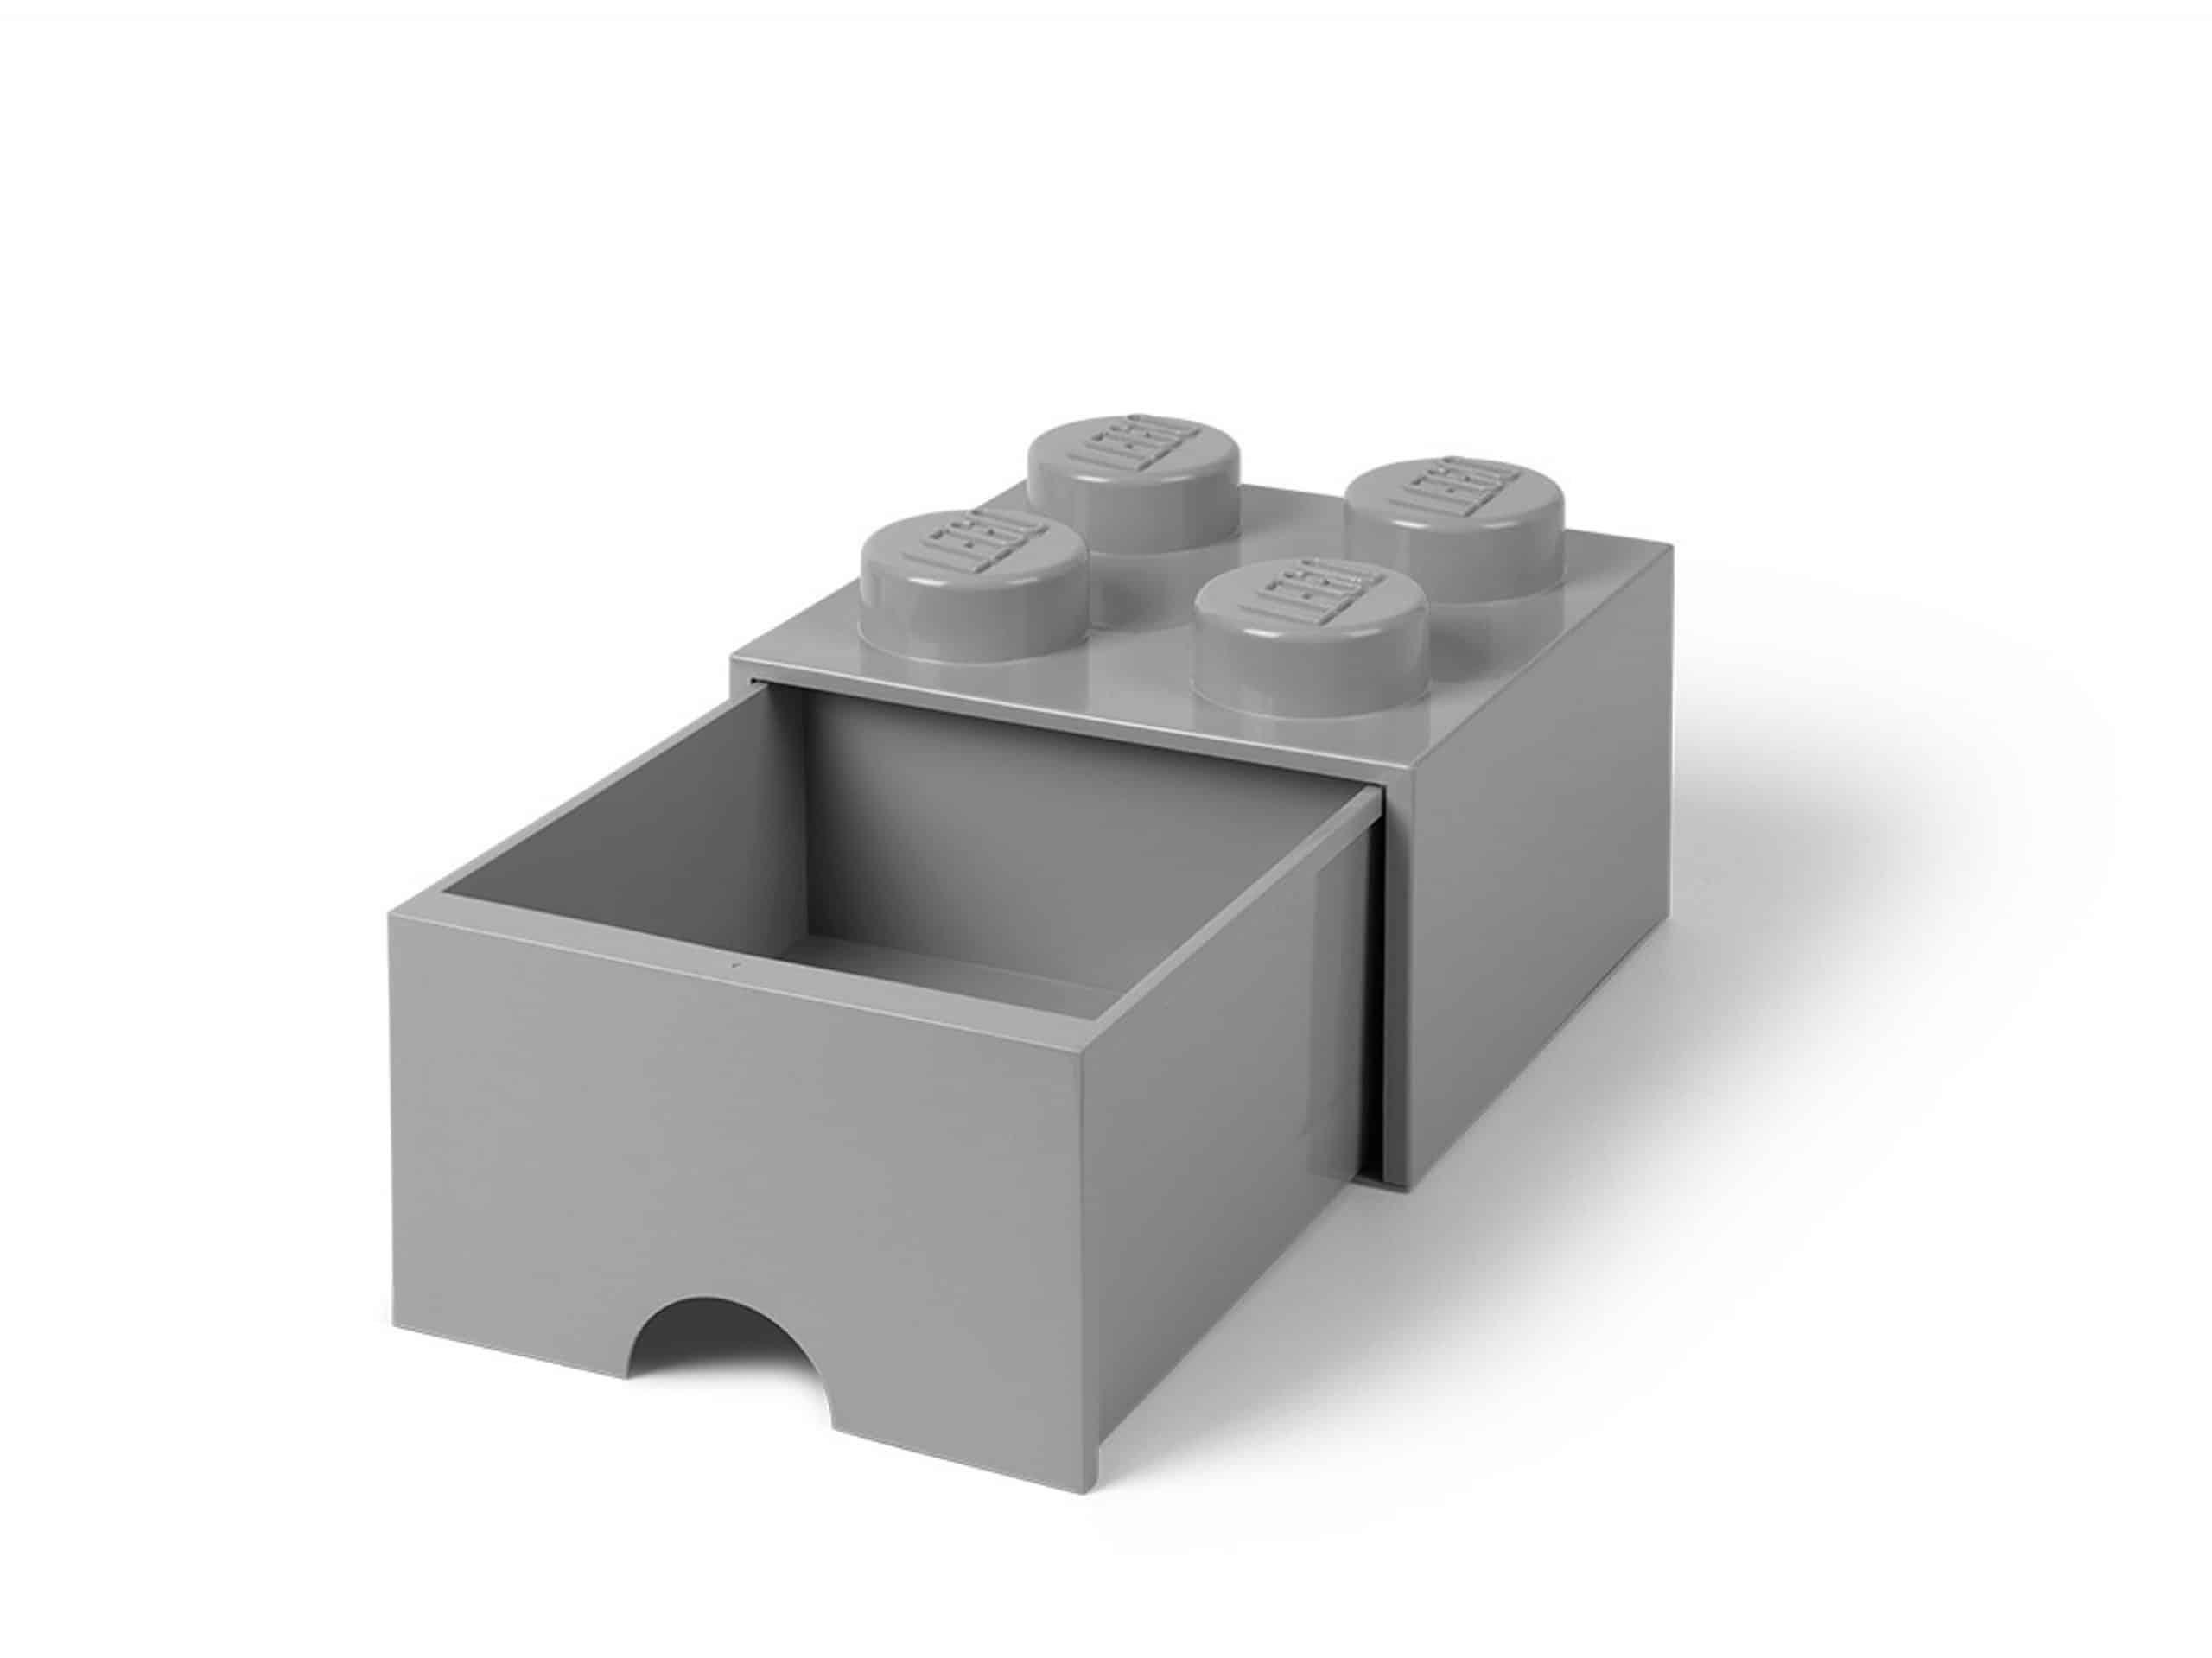 lego steengrijze opslagsteen met 4 noppen en een lade 5005713 scaled